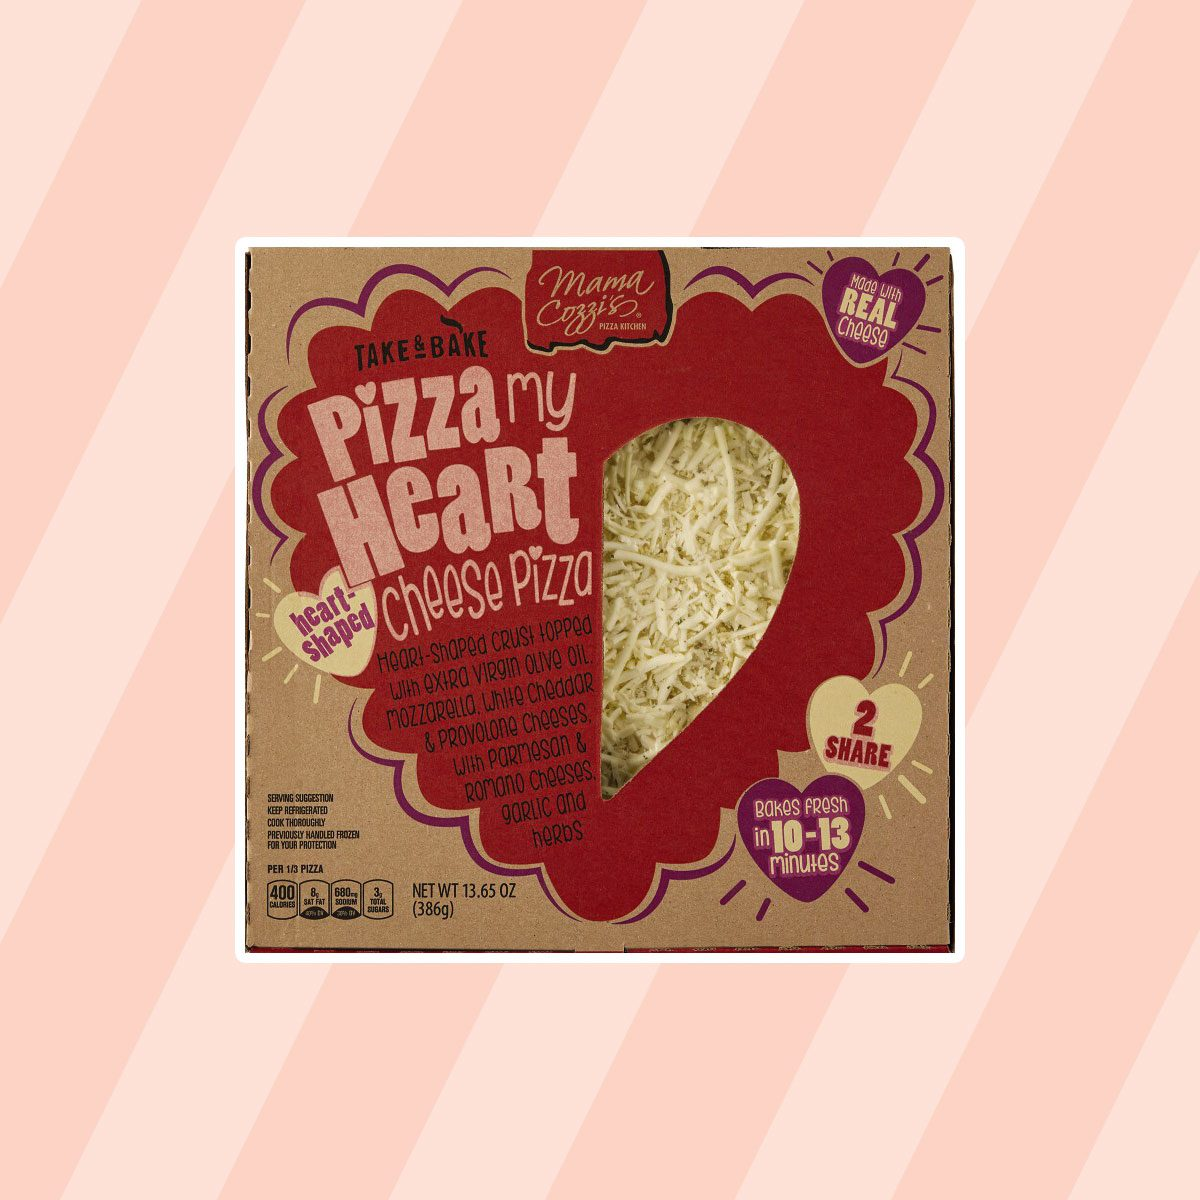 Mama Cozzi's Pizza Kitchen Heart Shaped Cheese Deli Pizza aldi finds